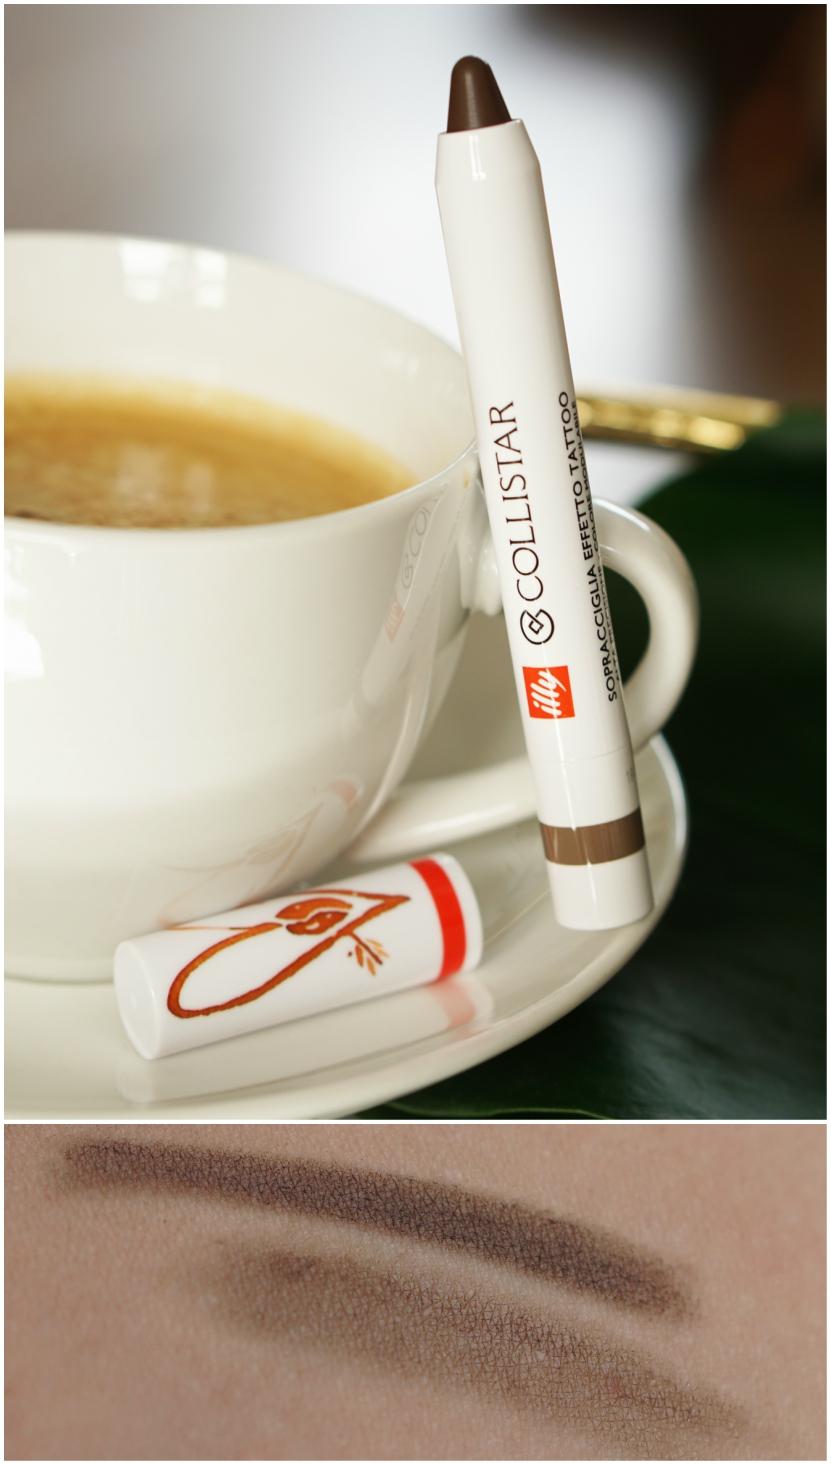 Collistar x illy Collezione Caffè